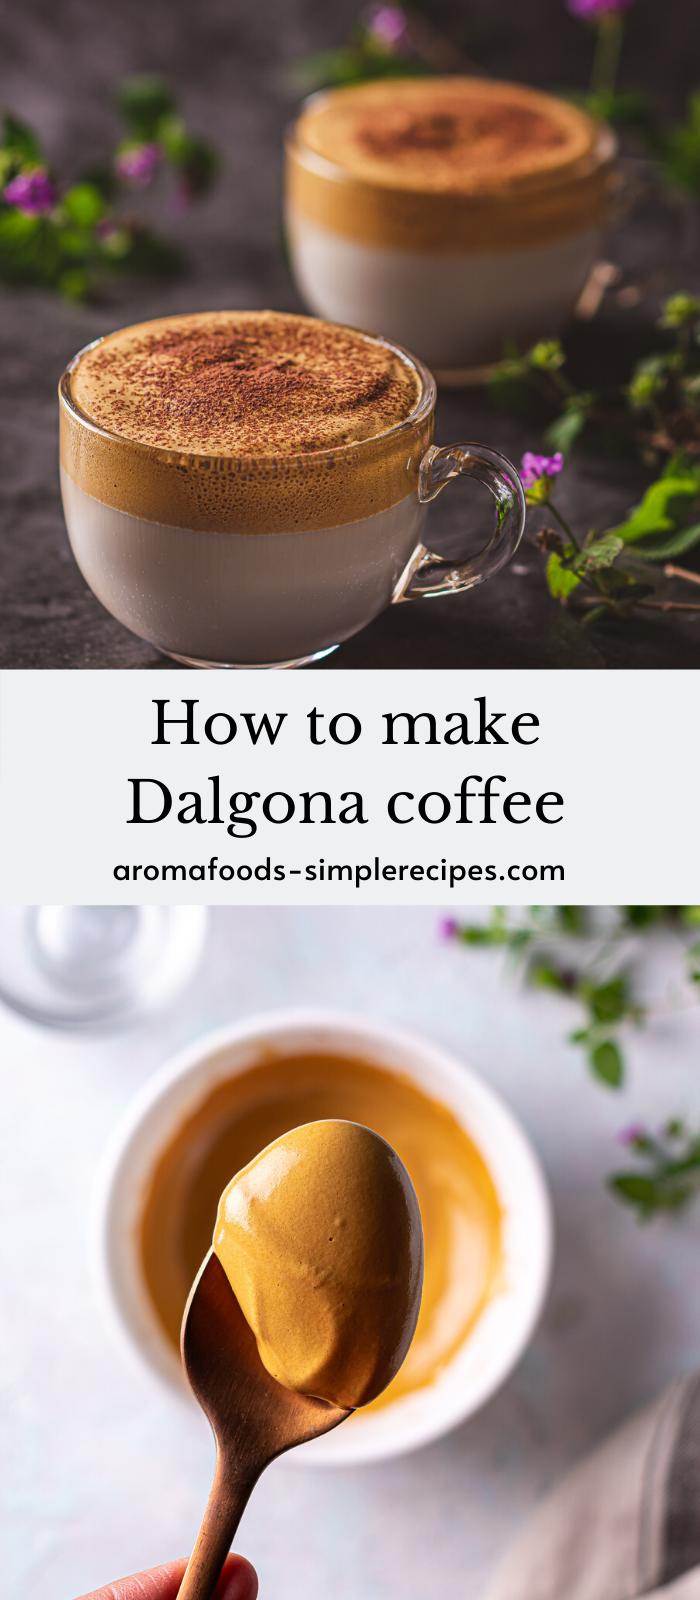 Dalgona coffee recipe in 2020 Easy coffee recipes